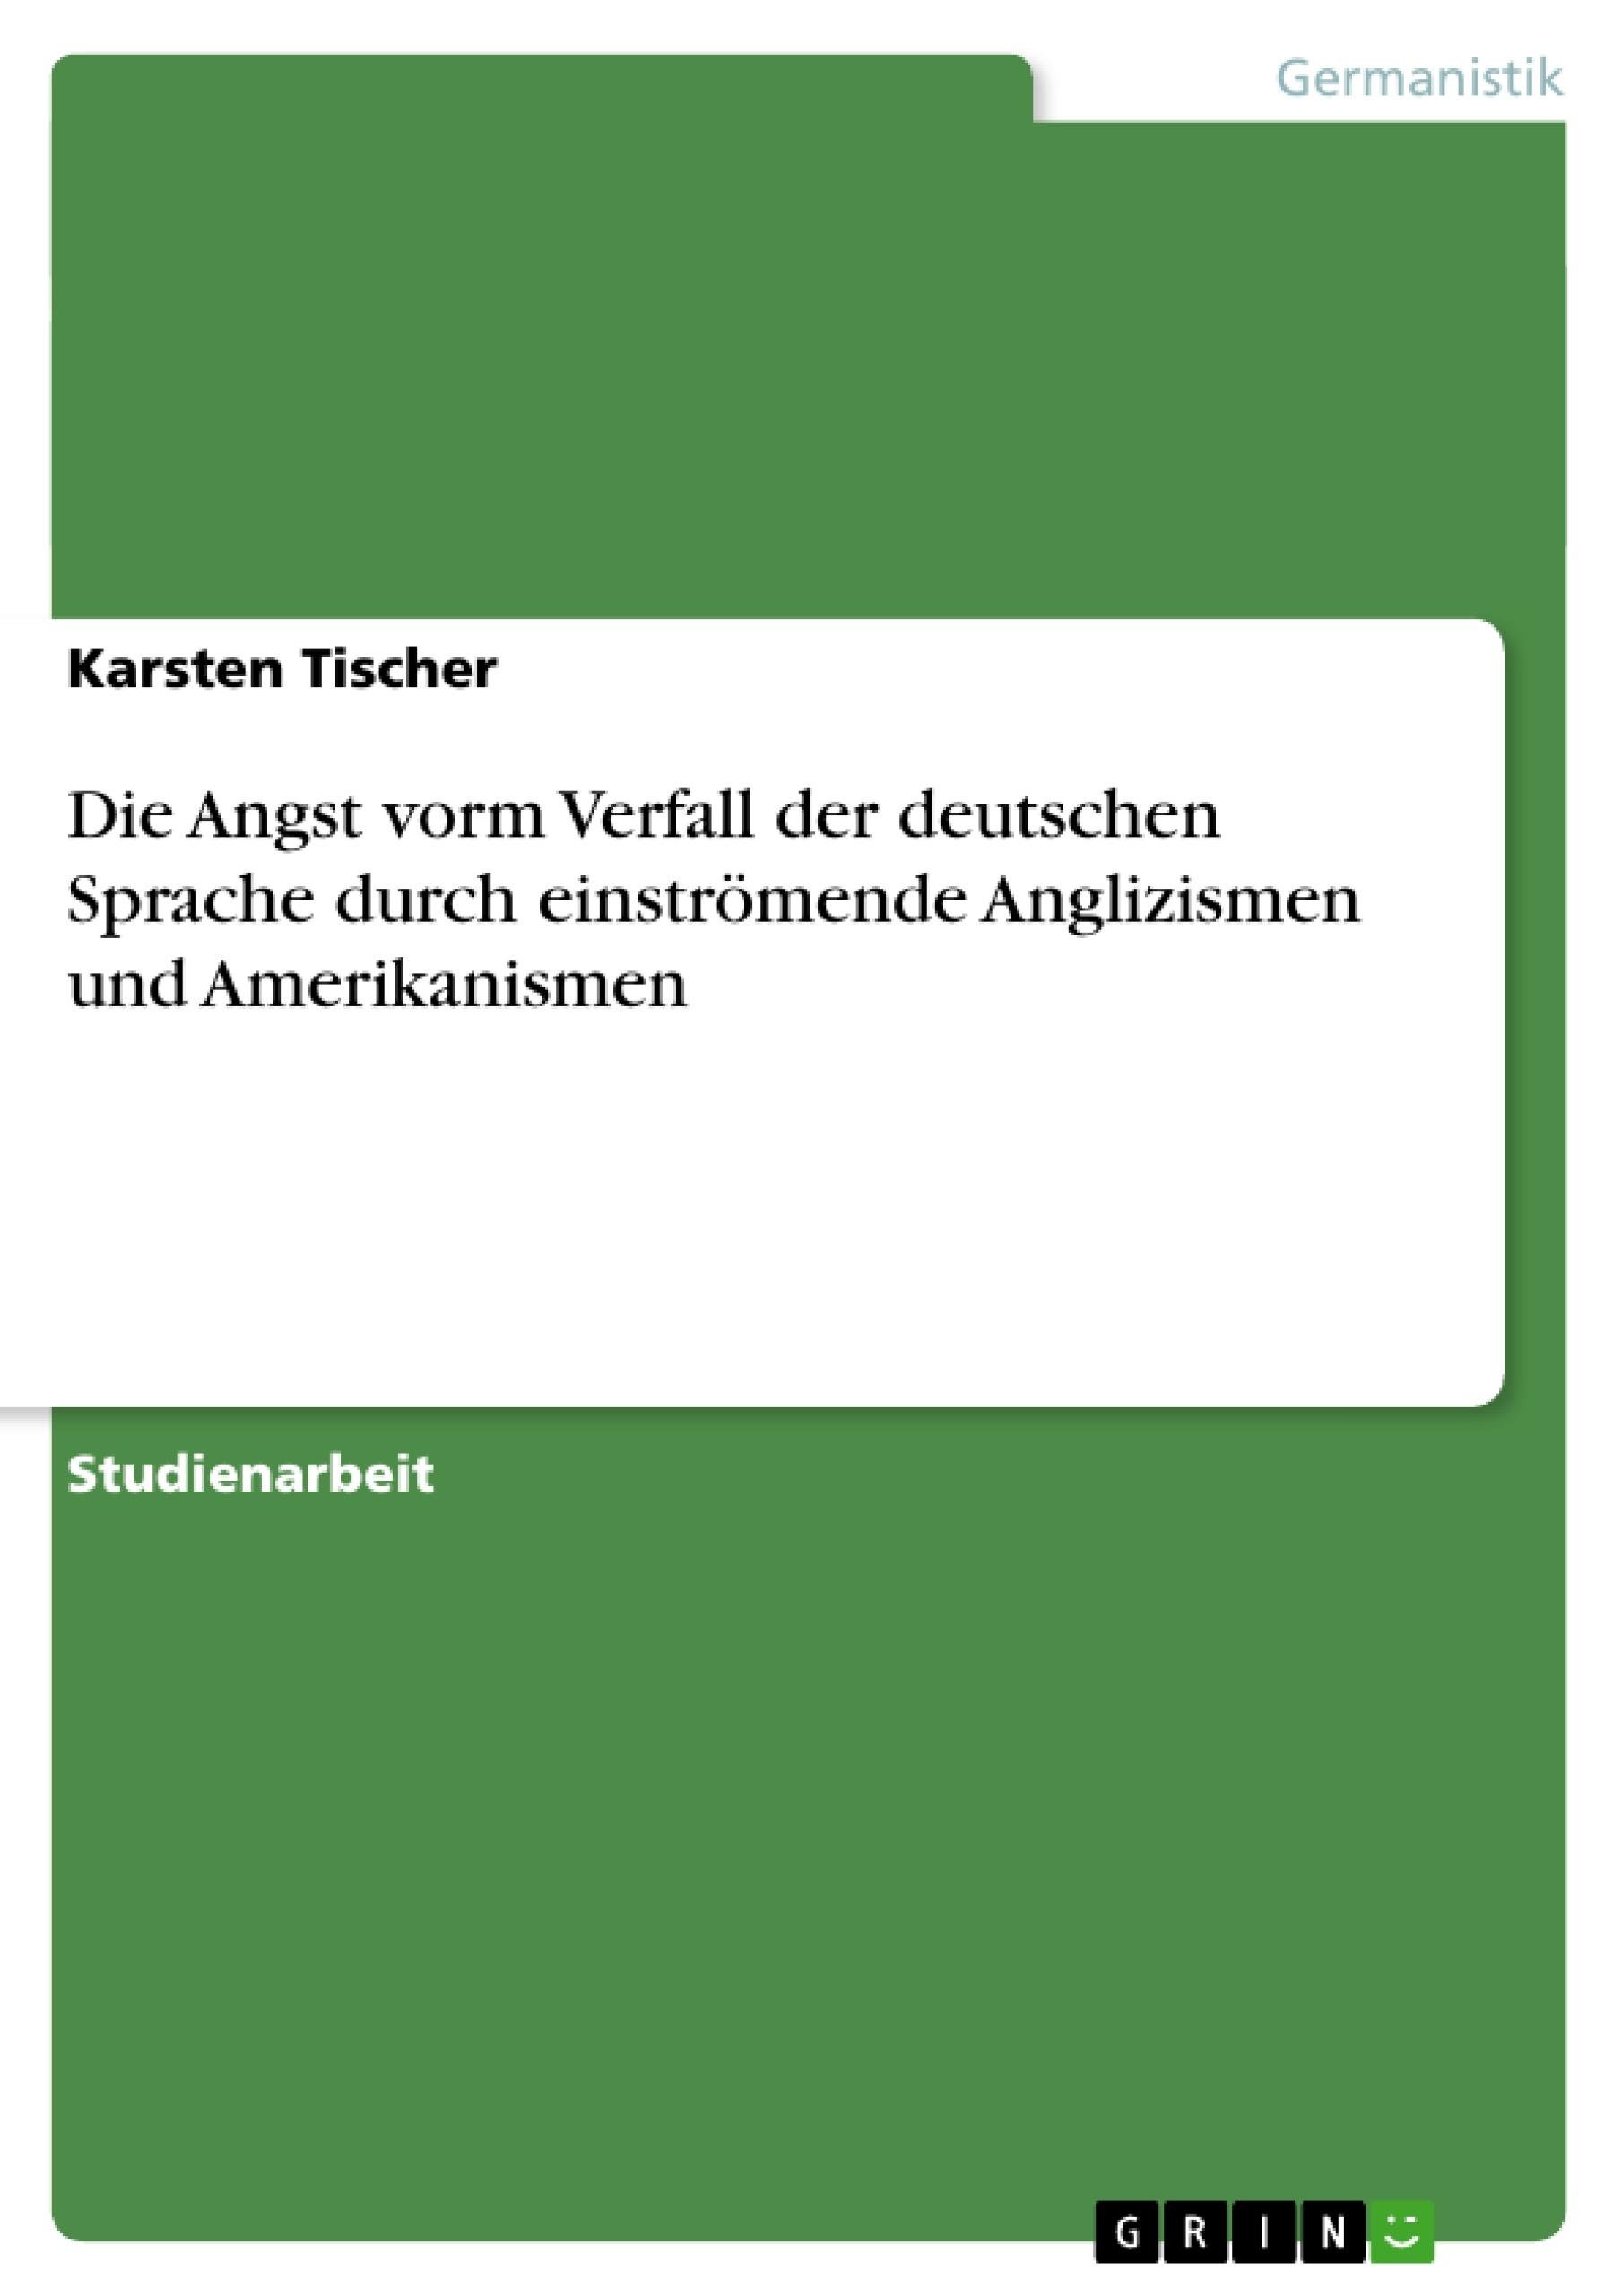 Titel: Die Angst vorm Verfall der deutschen Sprache durch einströmende Anglizismen und Amerikanismen